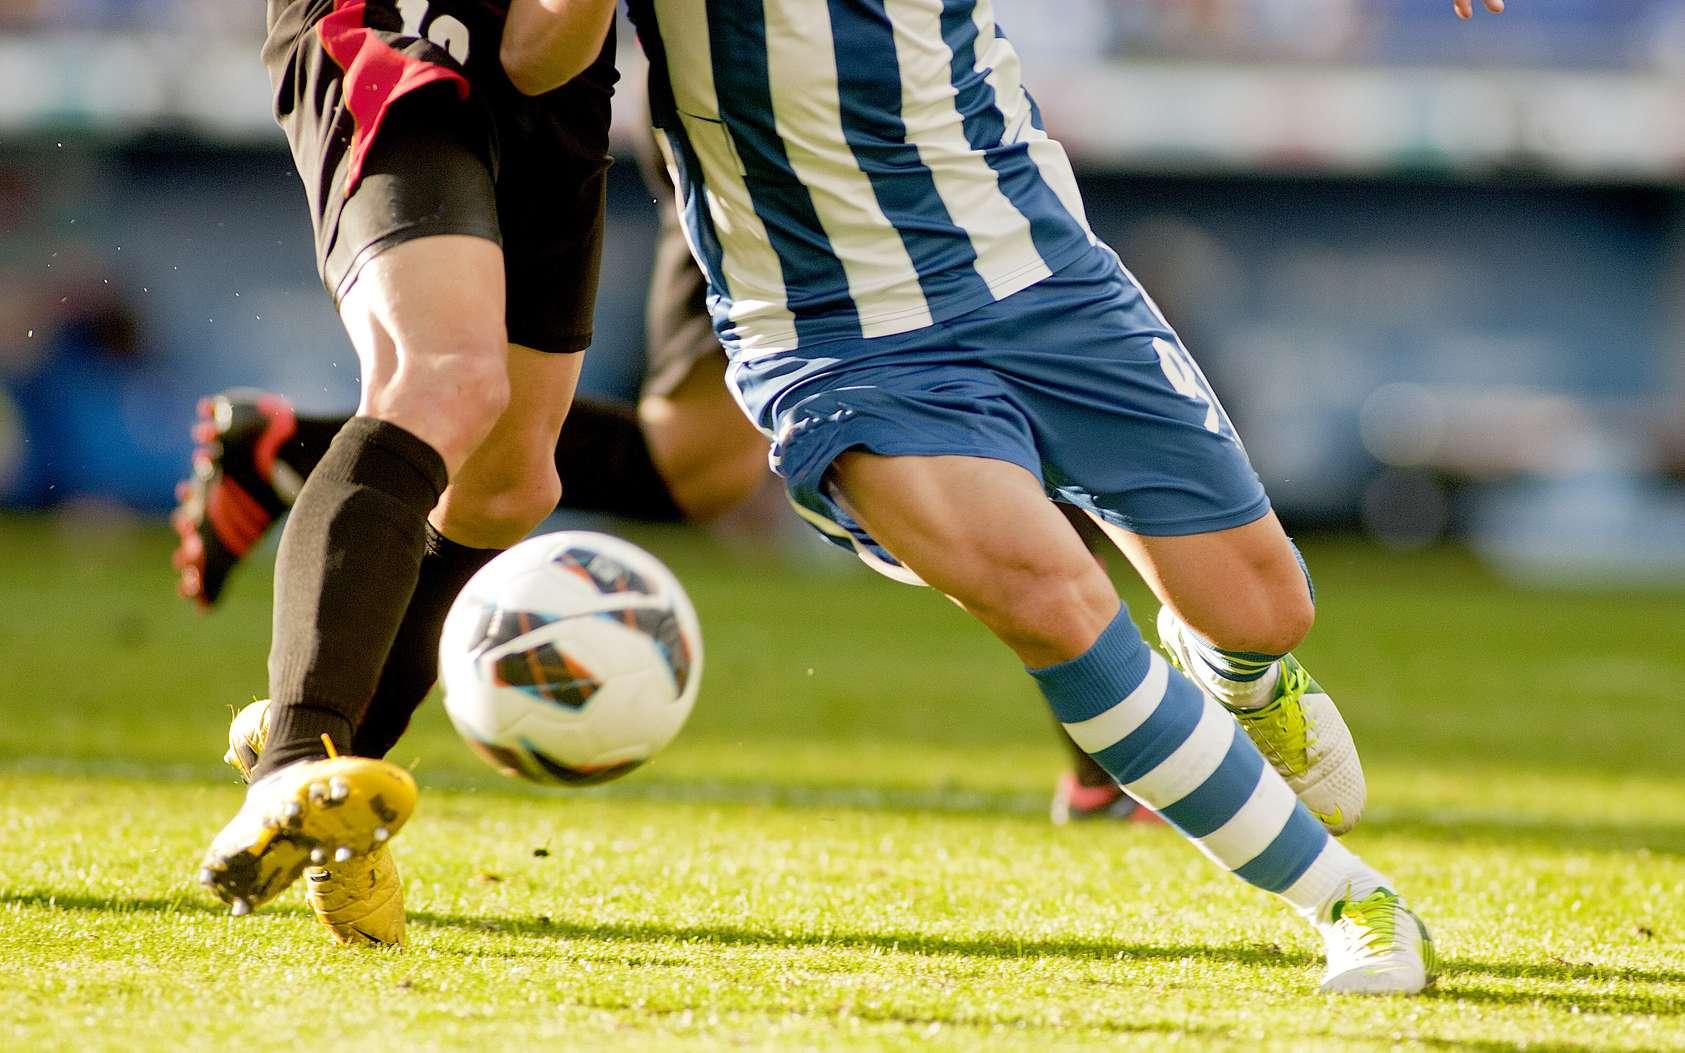 Les techniques des footballeurs pour récupérer après les matchs. © Maxisport, Fotolia